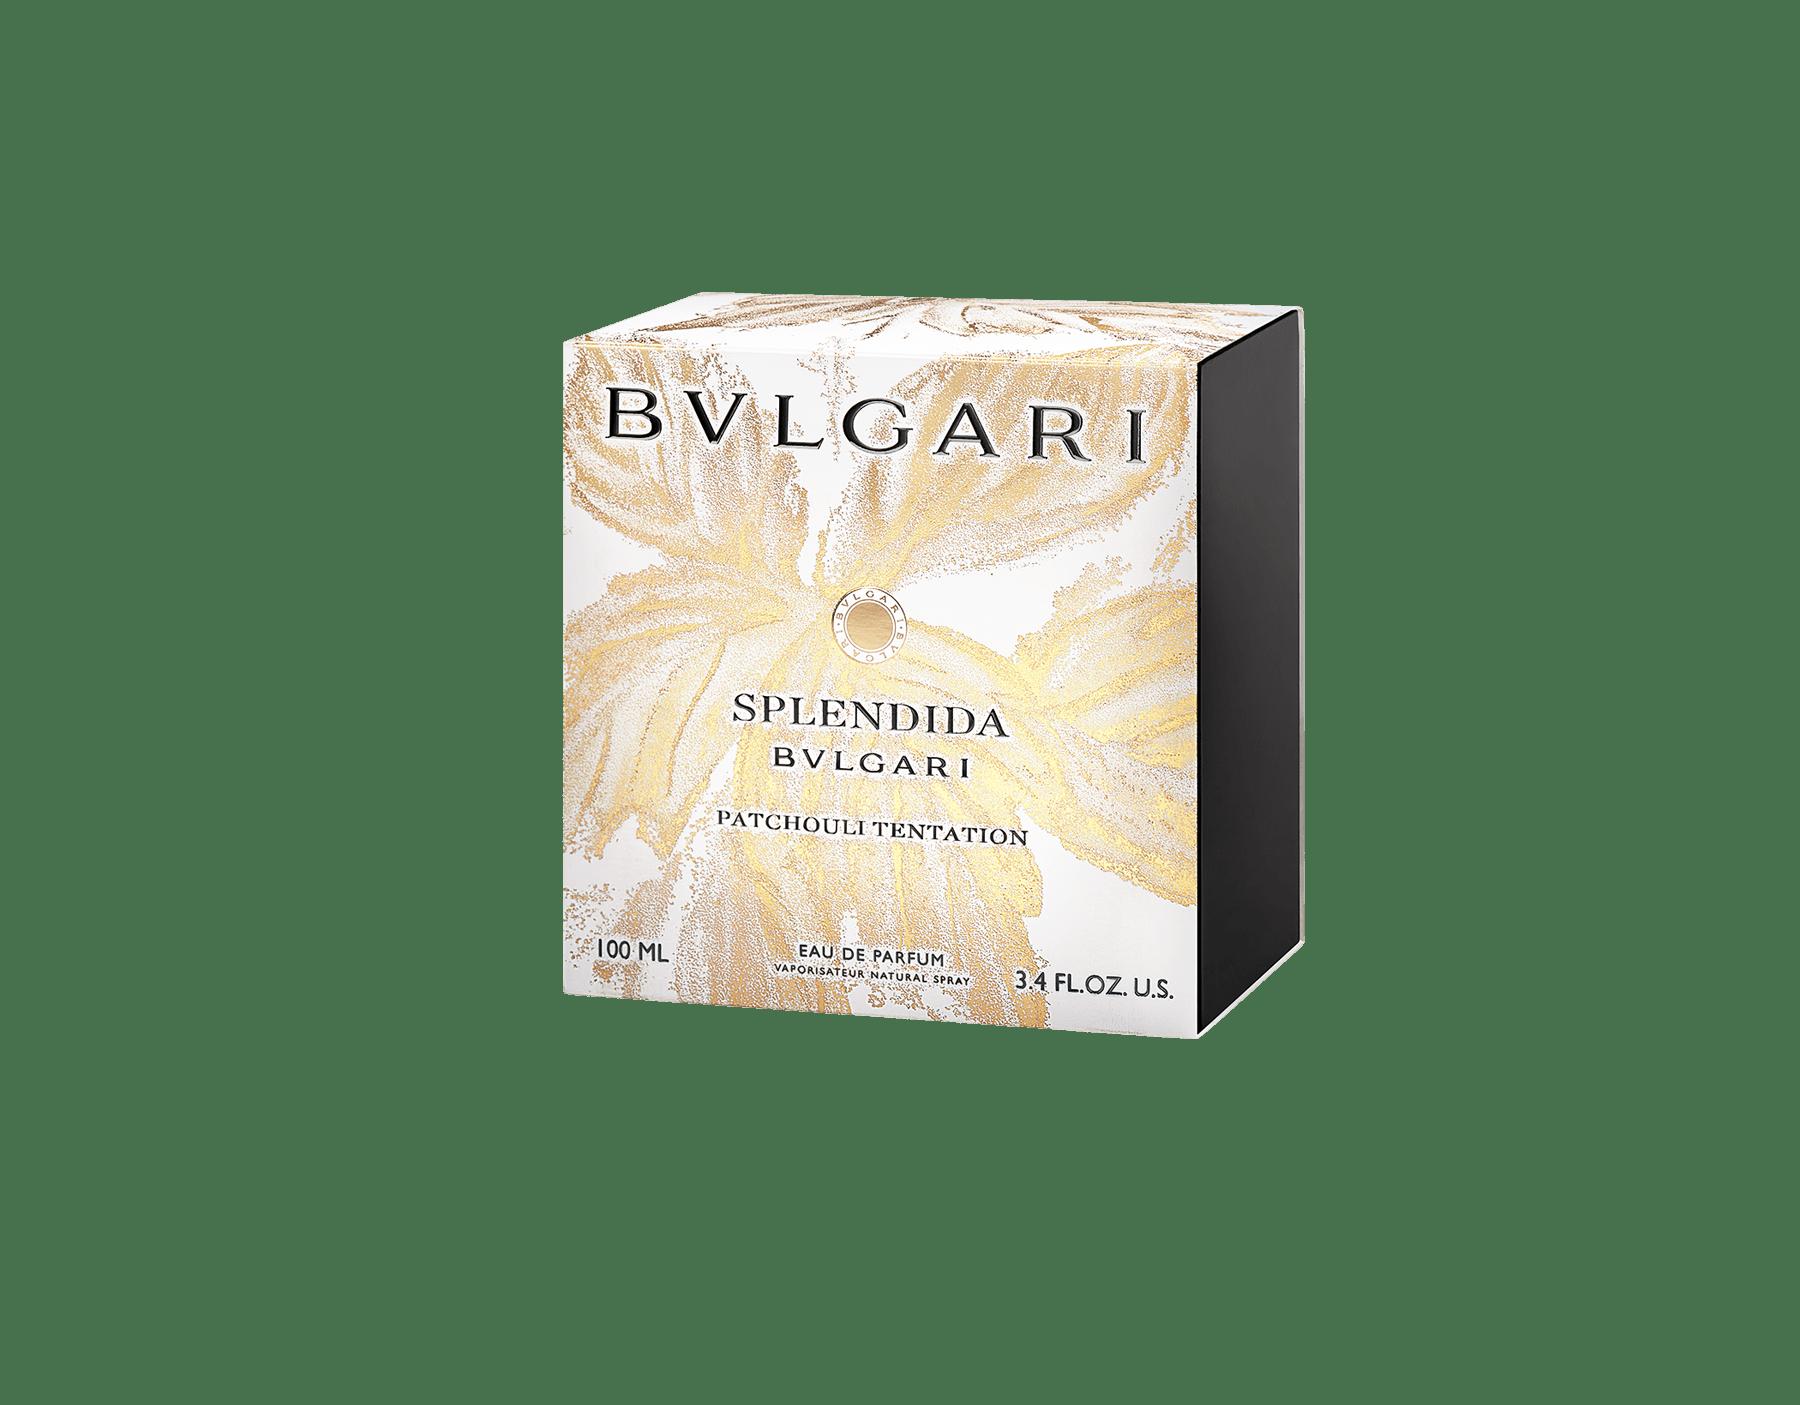 Un parfum chypré floral délicat et irrésistible, composé d'un trio de patchouli reflétant toute l'ardeur d'une tentation grandissante. 41127 image 2